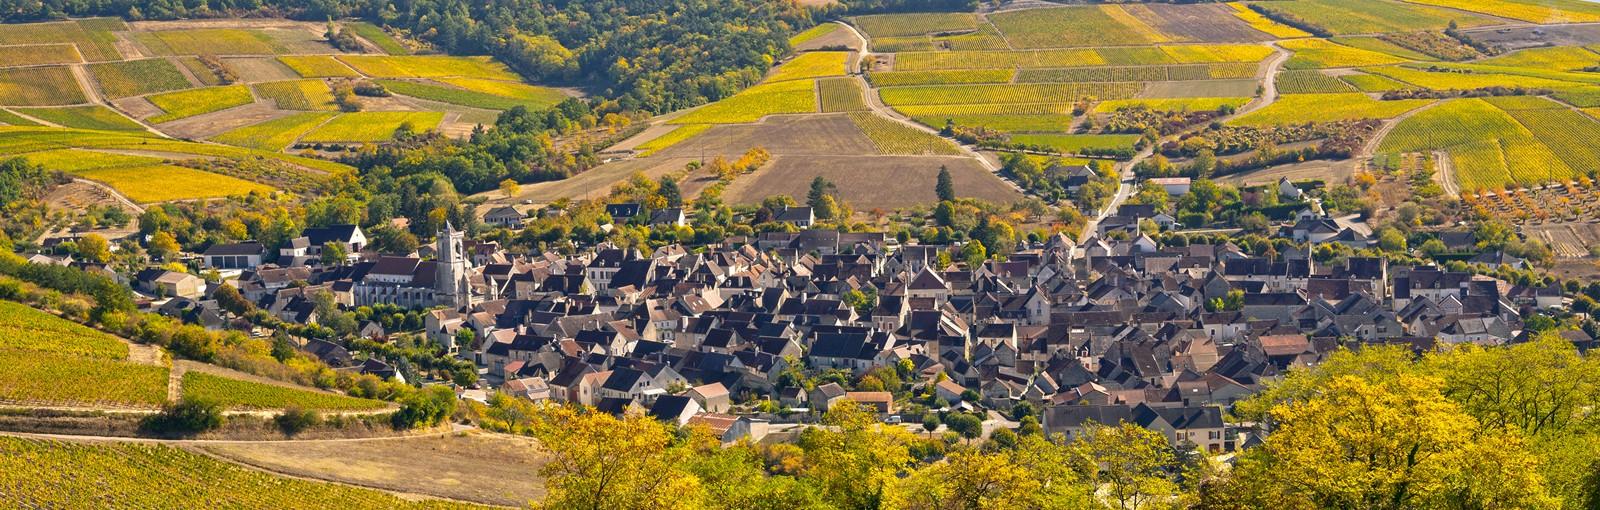 Tours 2 jours en Bourgogne: Auxerre - Chablis et la Côte de Beaune - Bourgogne - Excursions au départ de Paris